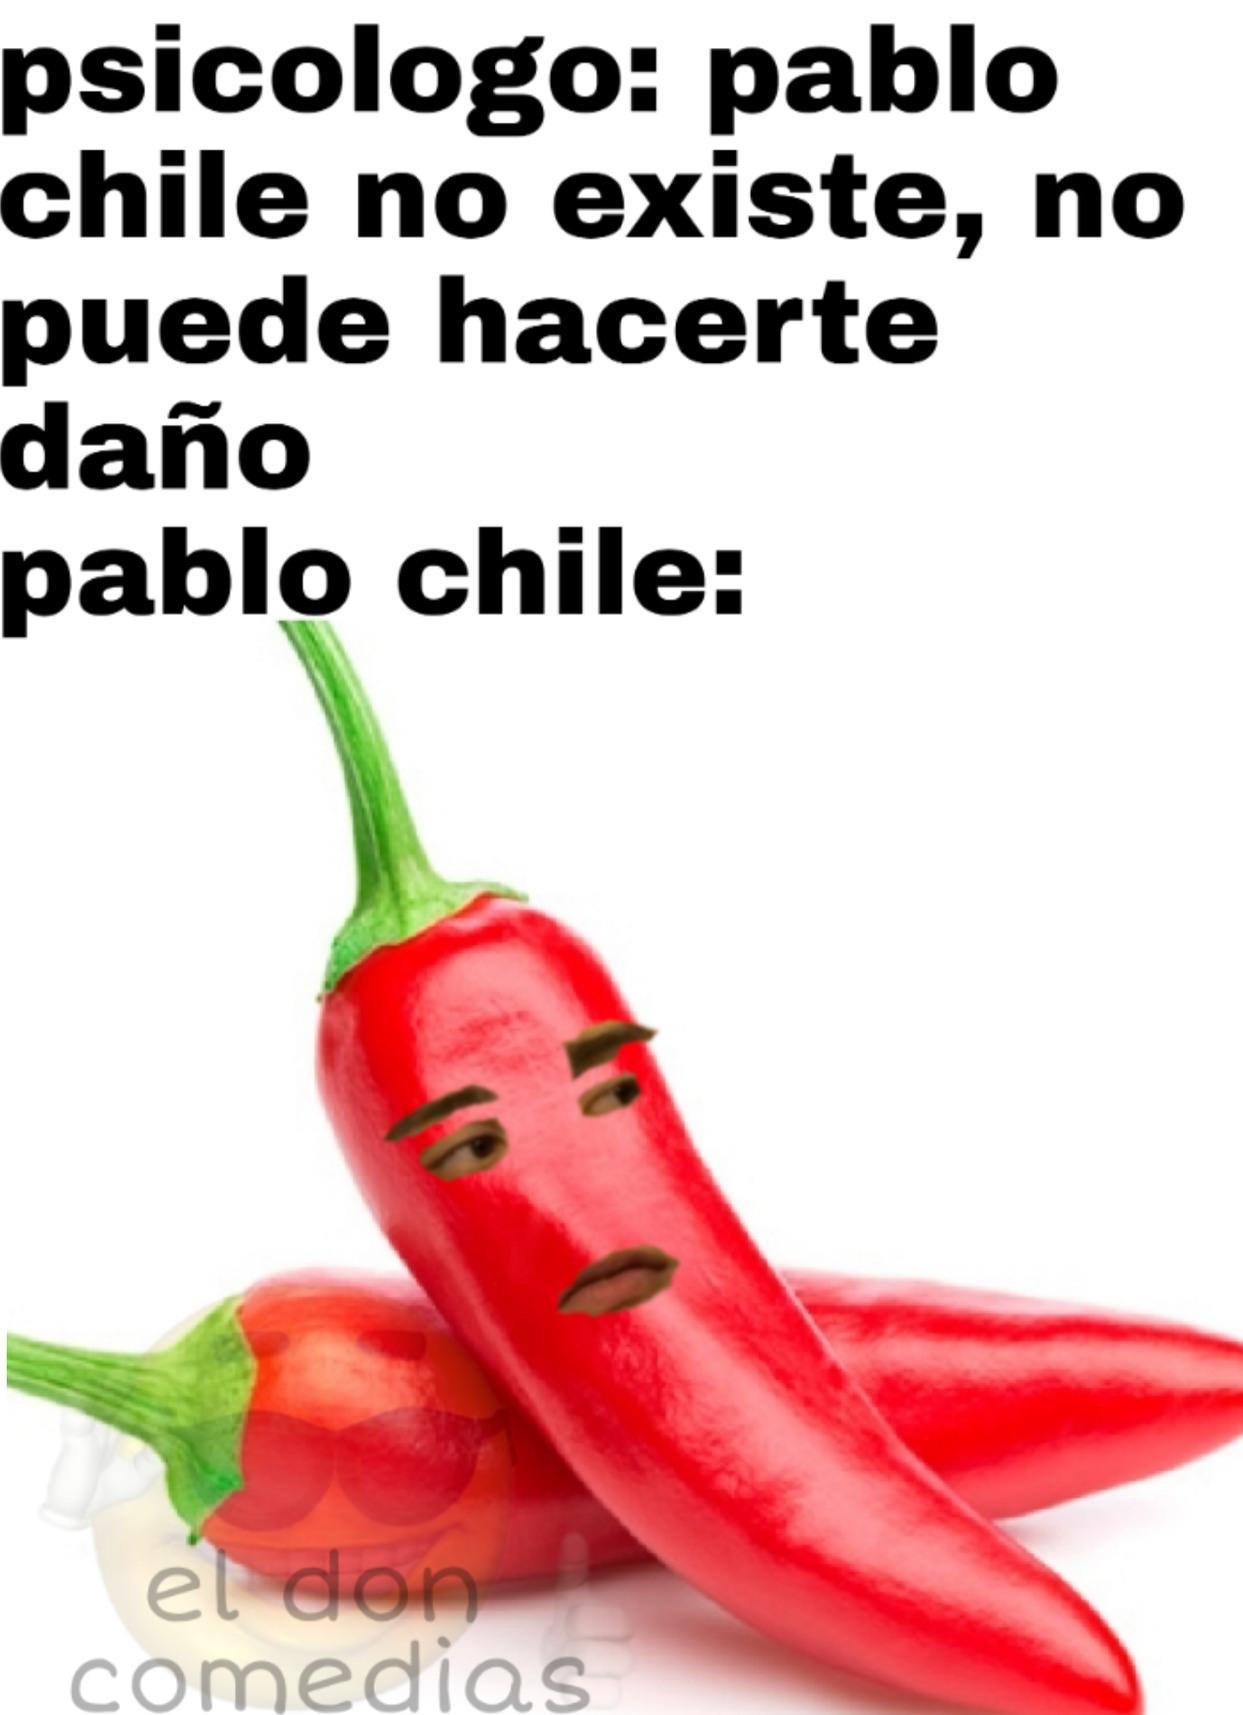 Pablo chile - meme